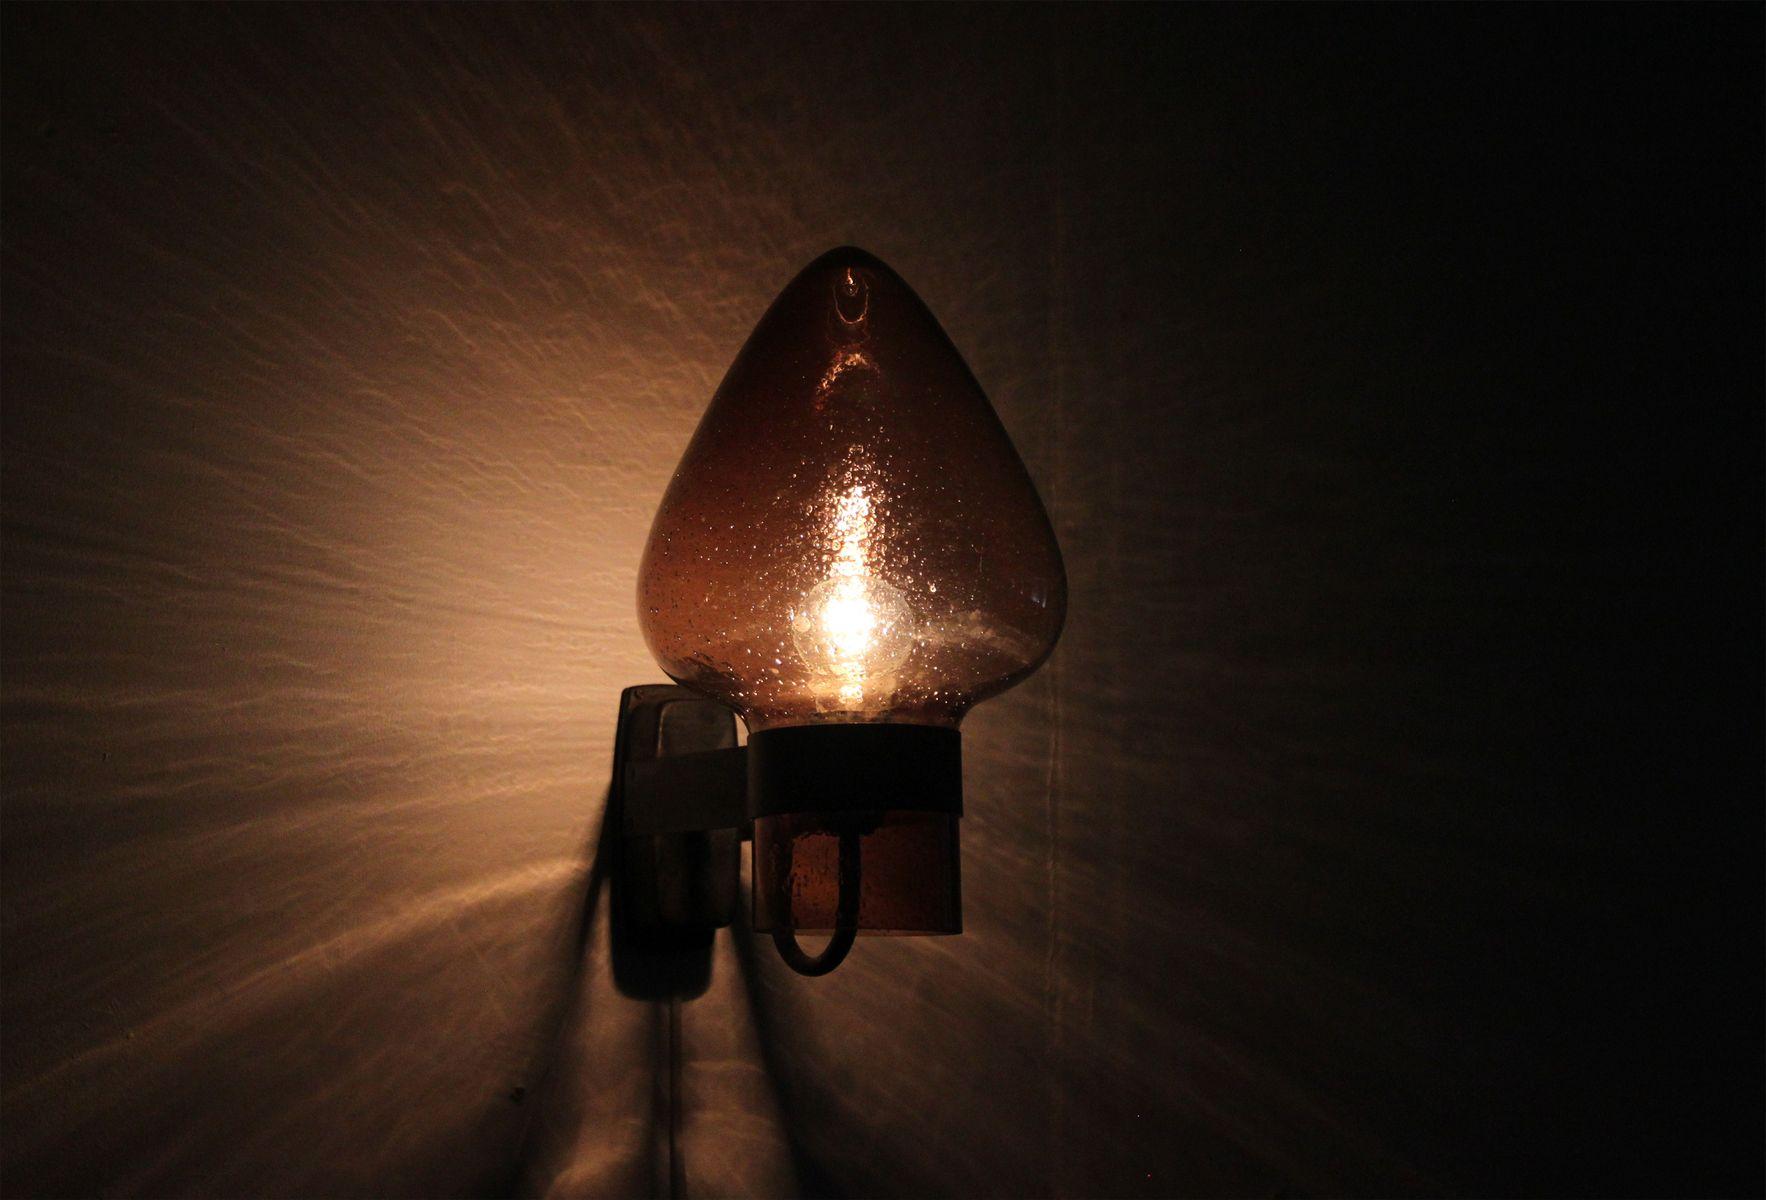 Lampade Da Parete Per Esterni : Lampada da parete per esterni mid century svezia anni in